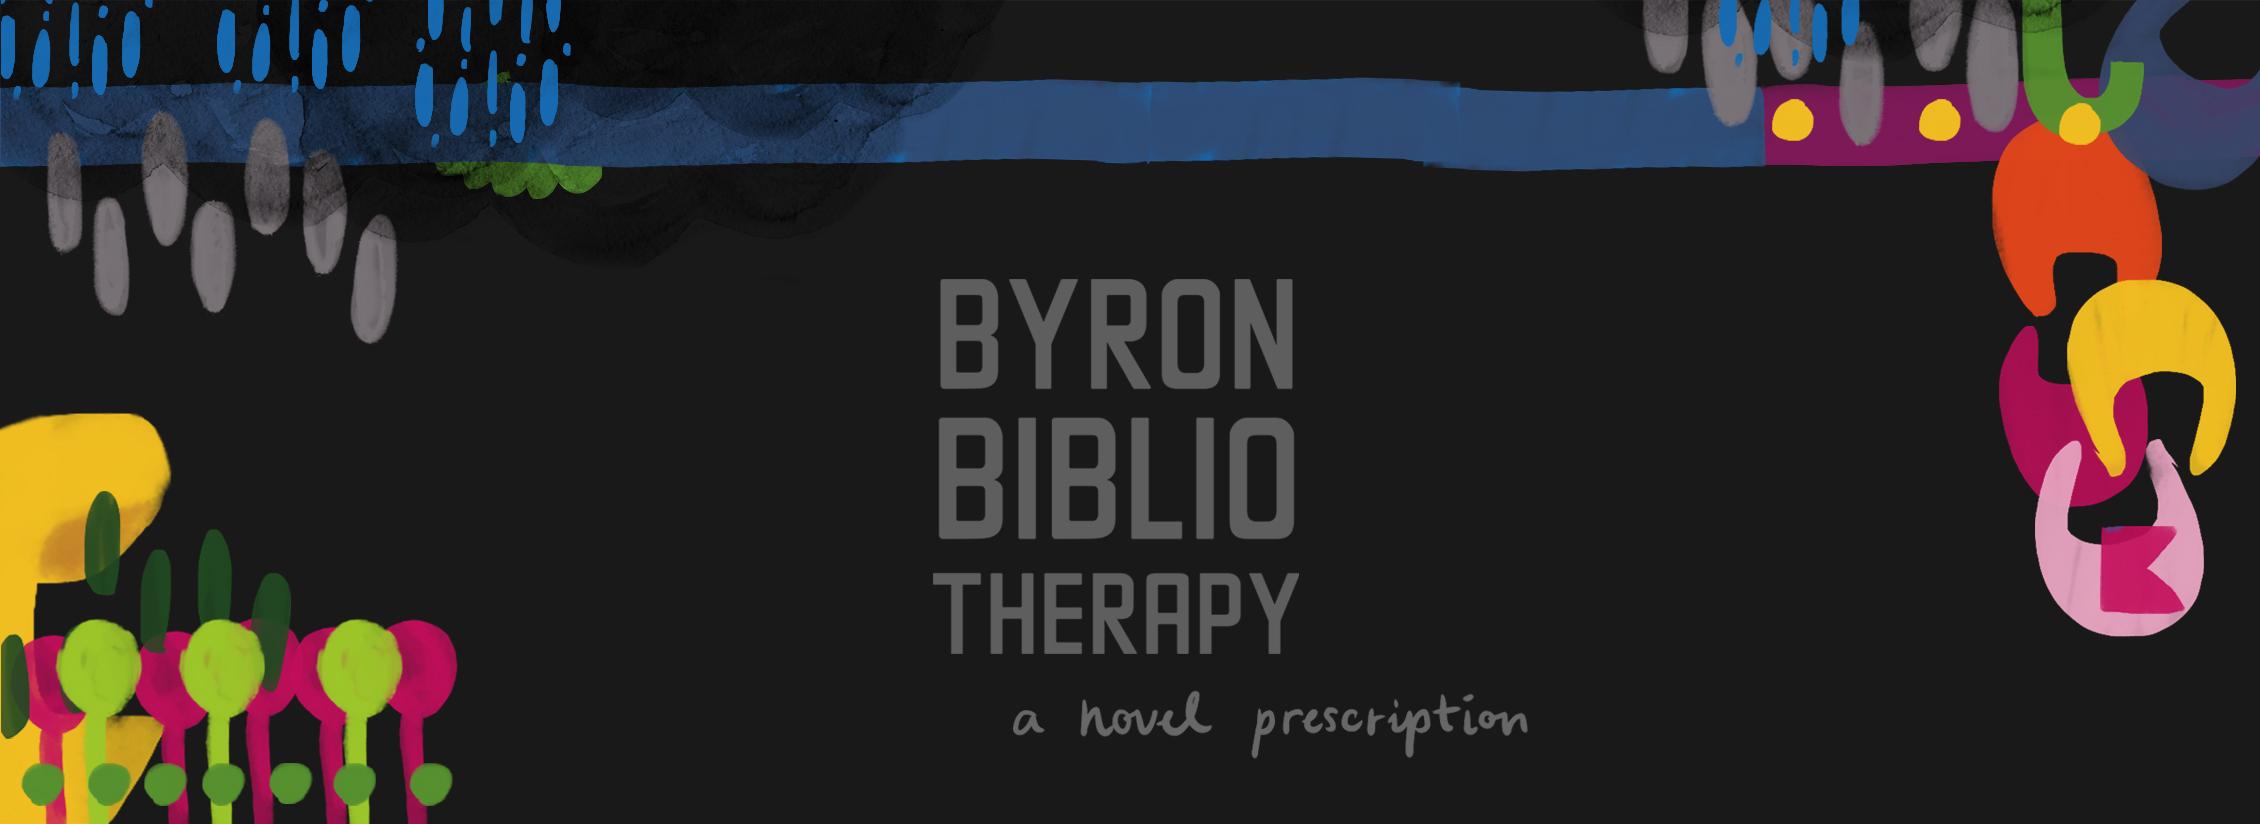 Byron Bibliotherapy